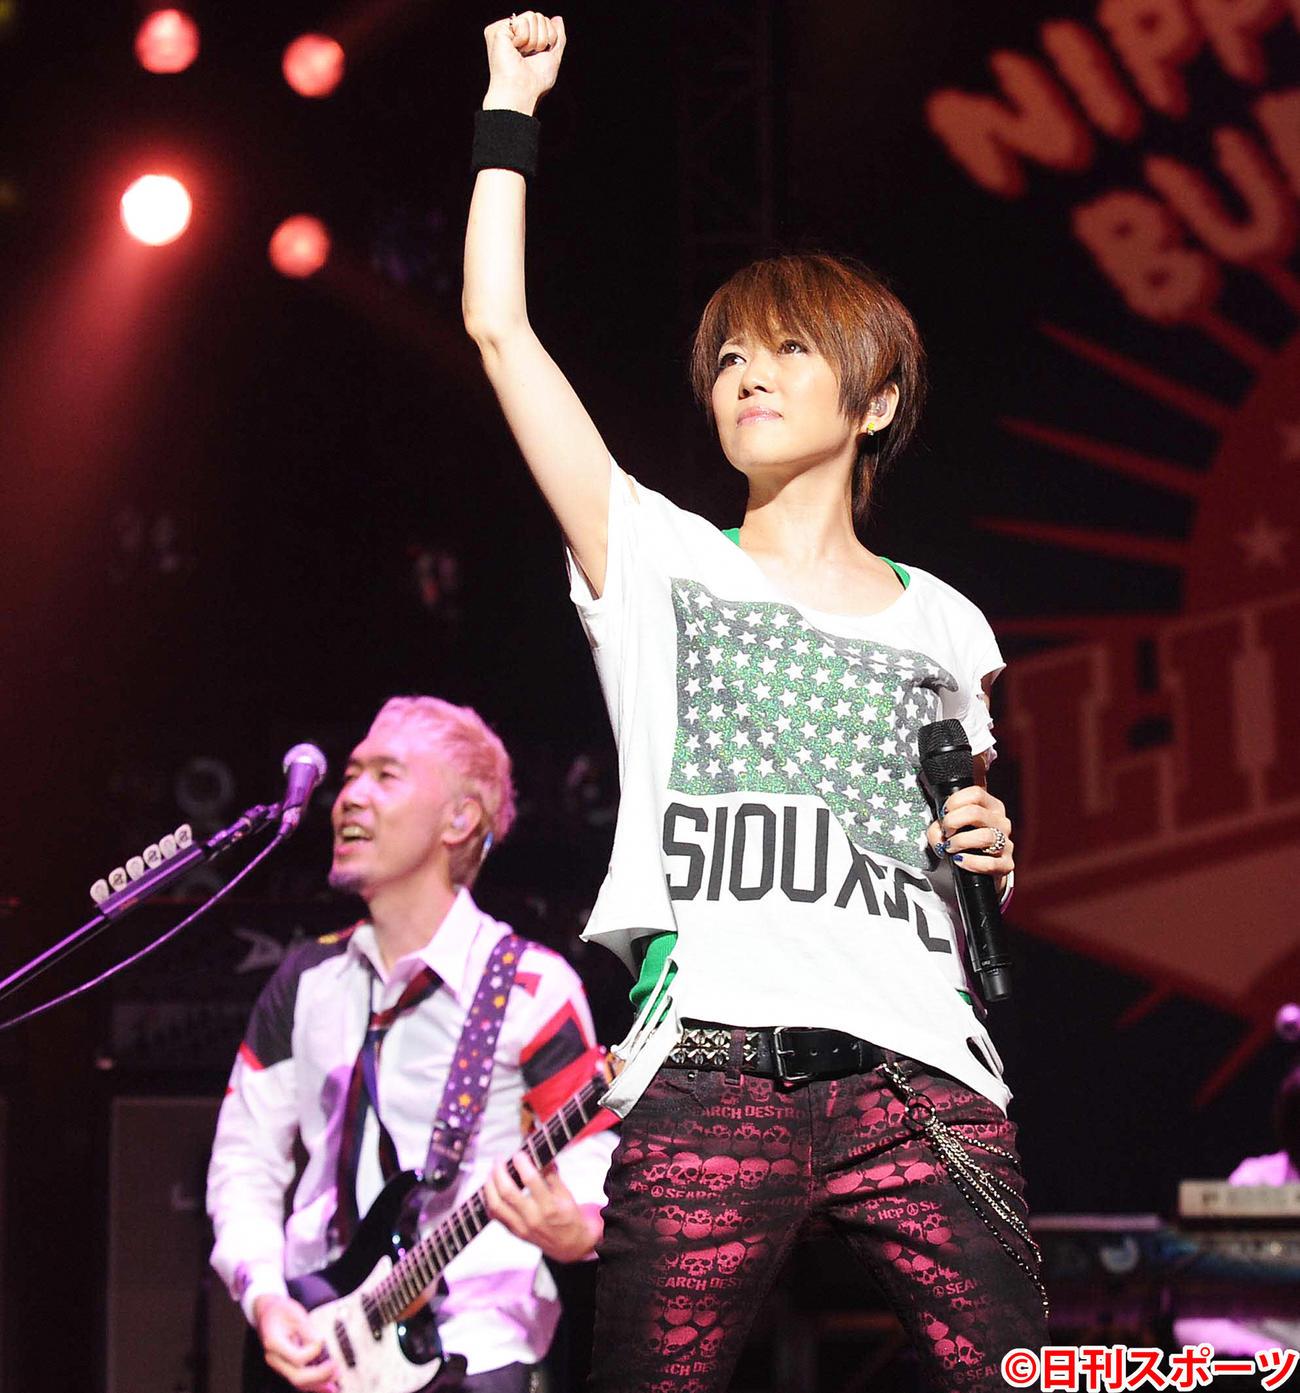 リンドバーグ渡瀬マキ(右)(2009年9月28日撮影)